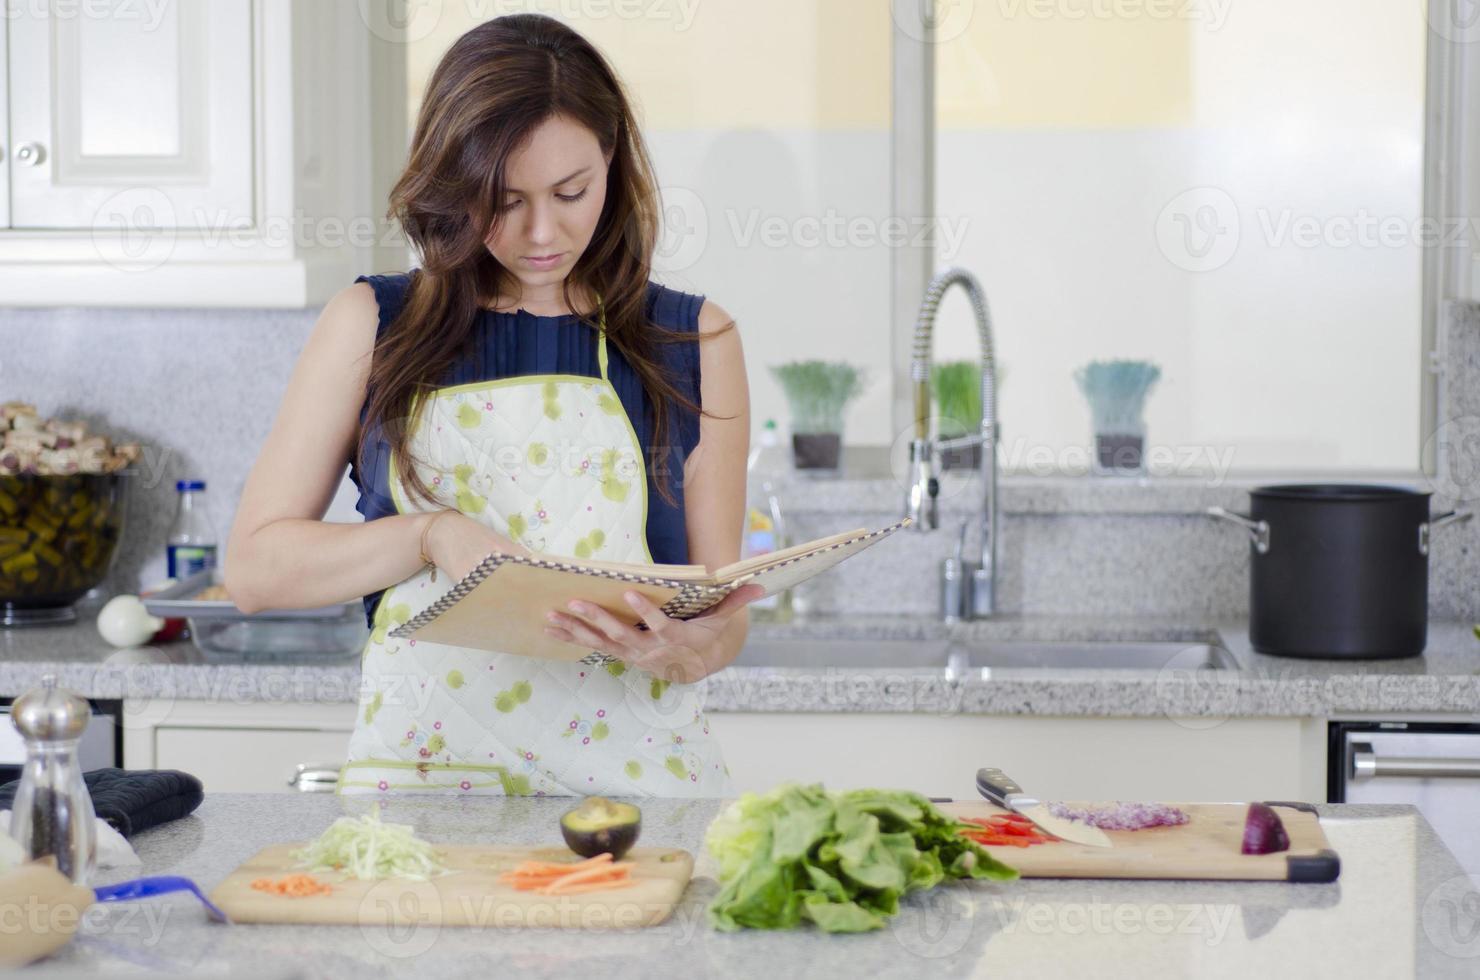 belle femme au foyer cuisiner une recette photo